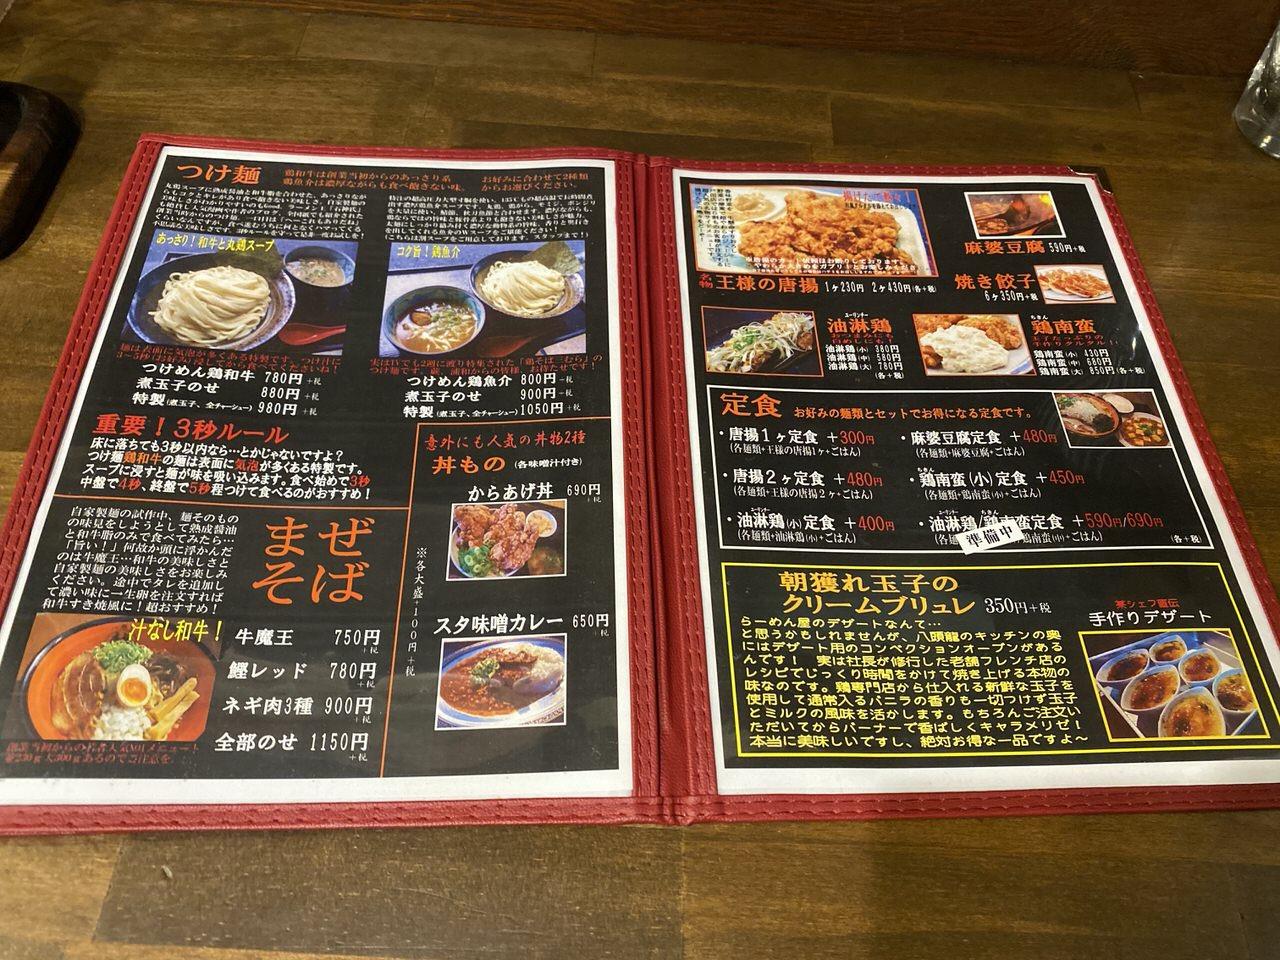 「麺屋 八頭龍(おろち)」八頭龍ラーメン 6